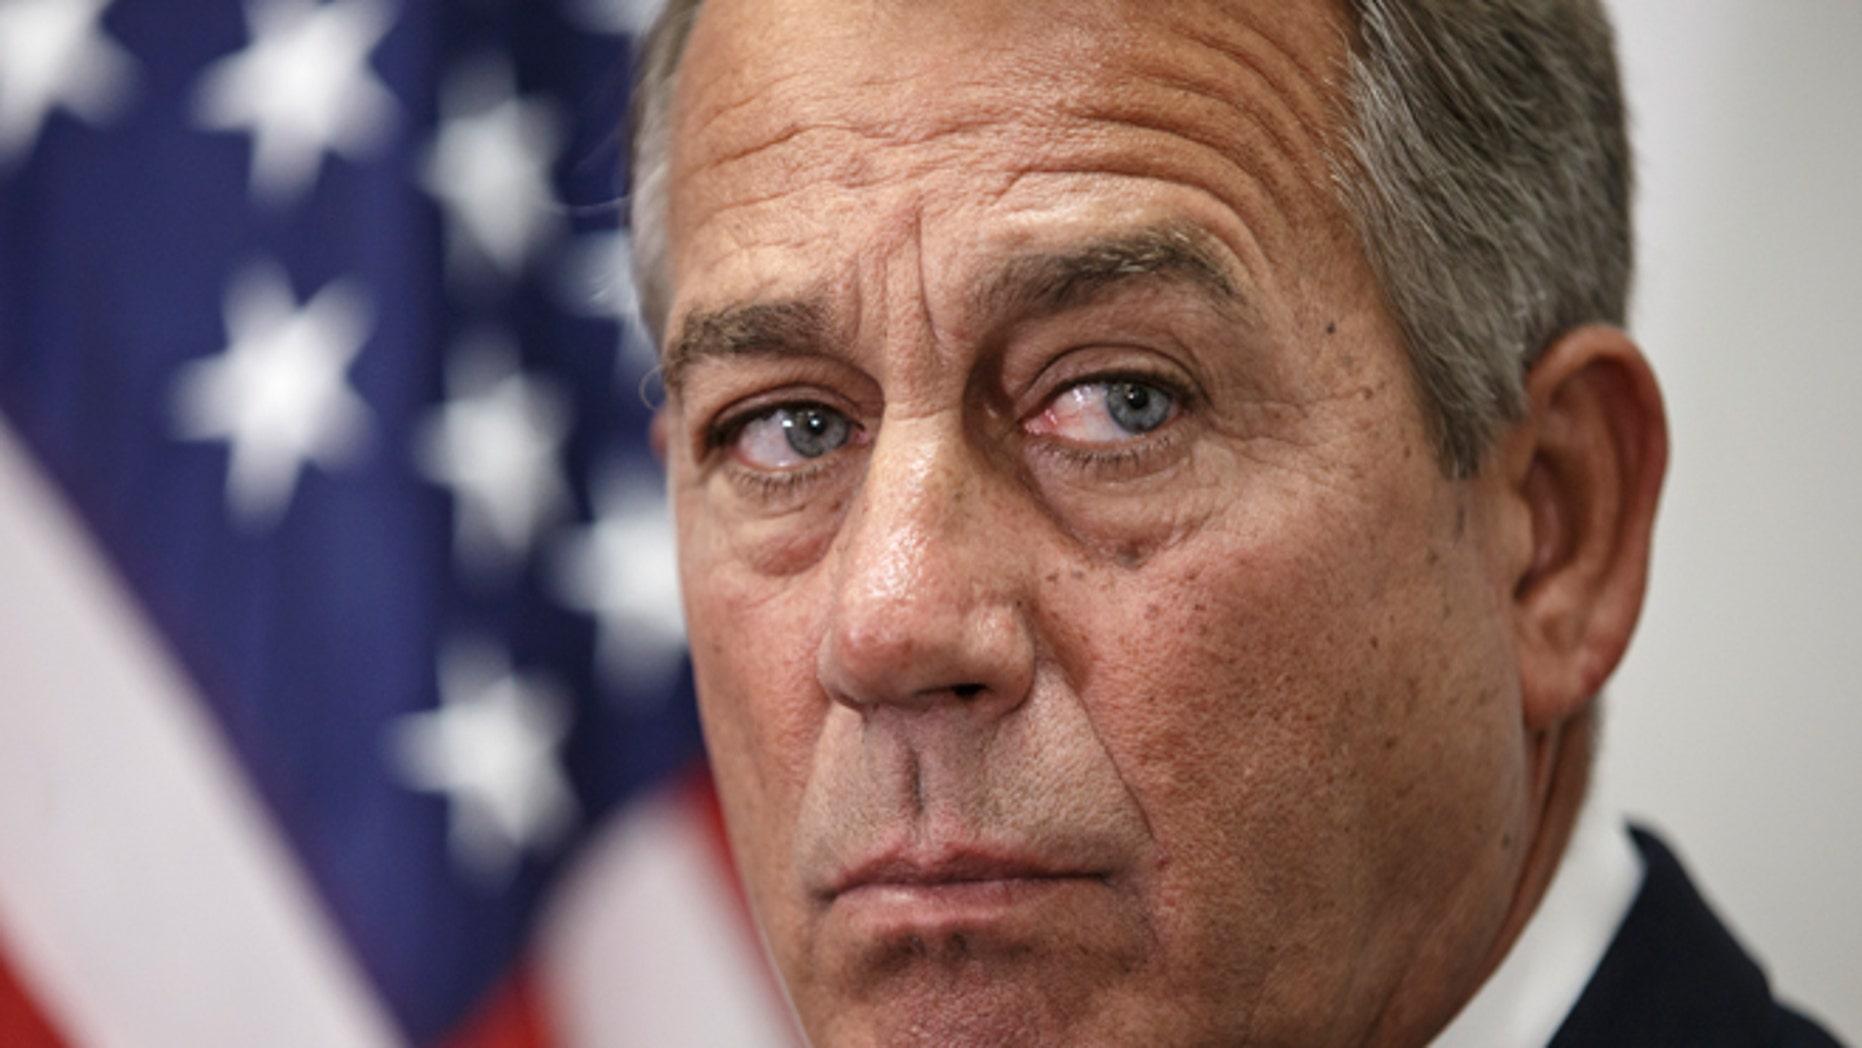 FILE -- Jan. 13, 2015: House Speaker John Boehner